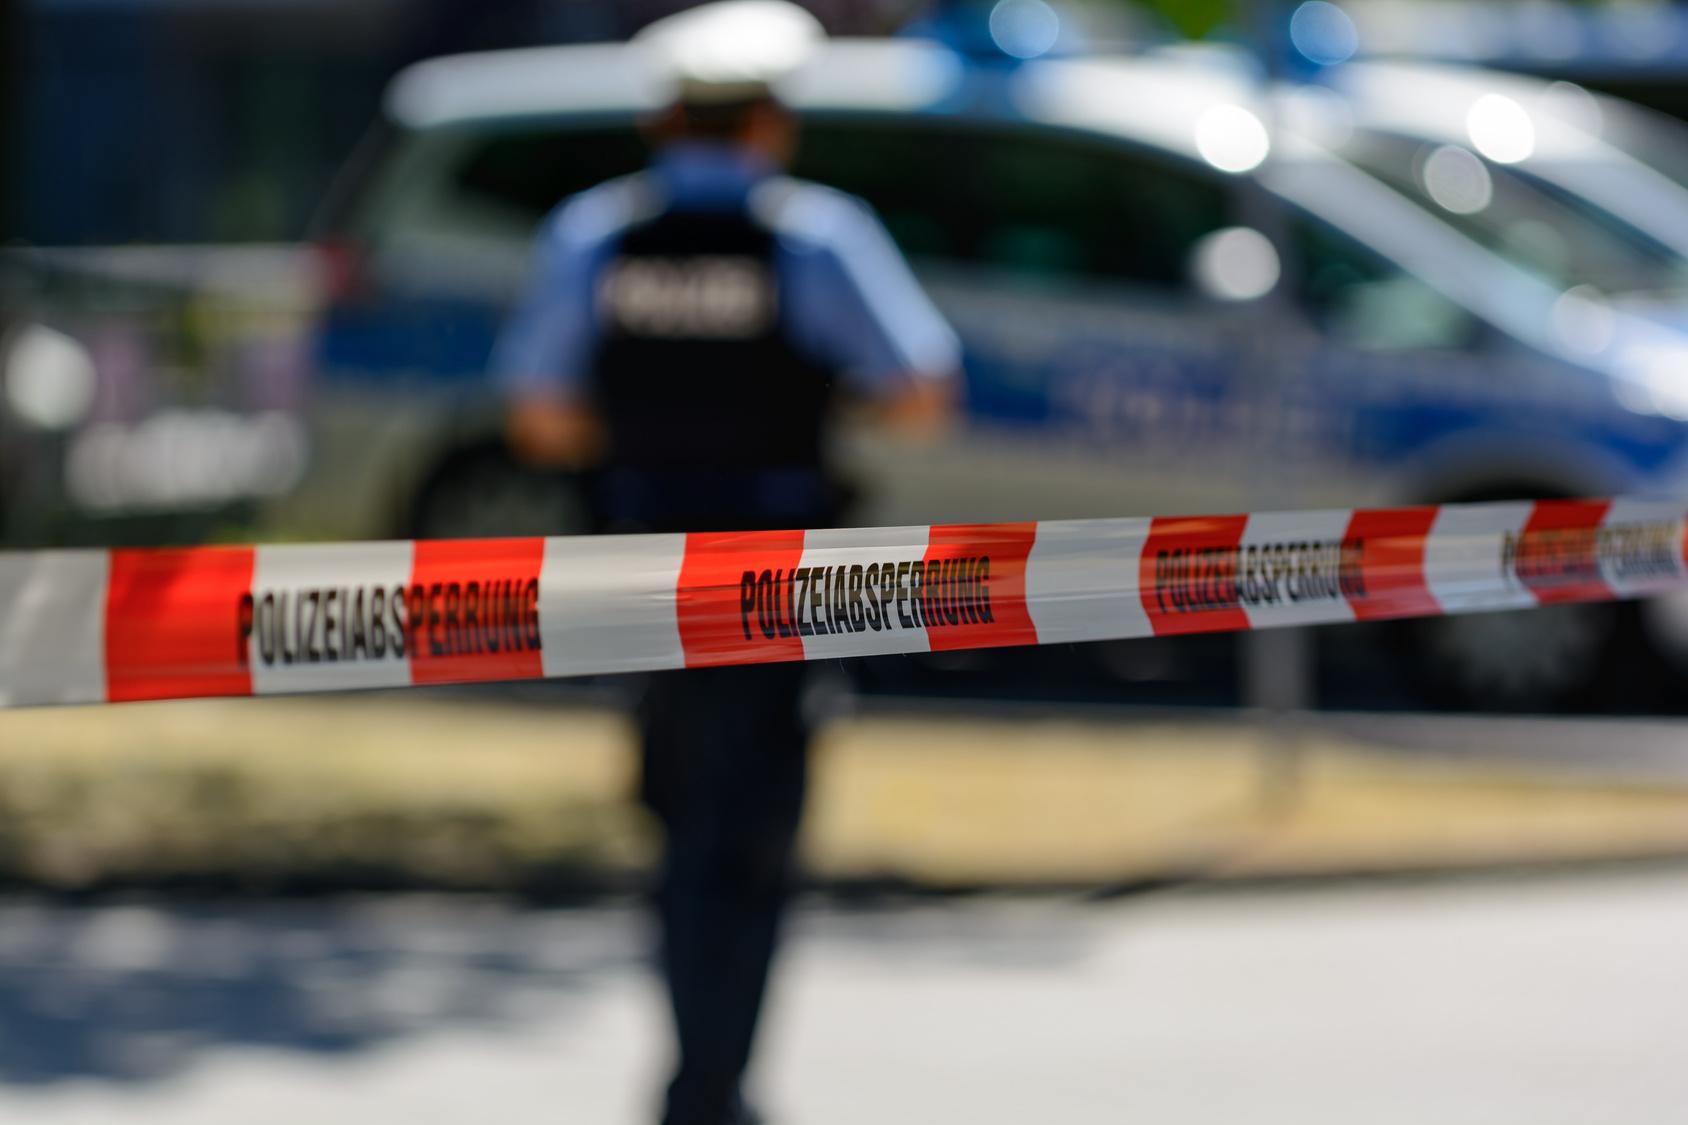 Schock für Erzieherinnen: Kind bringt Kriegsbombe mit in Kita